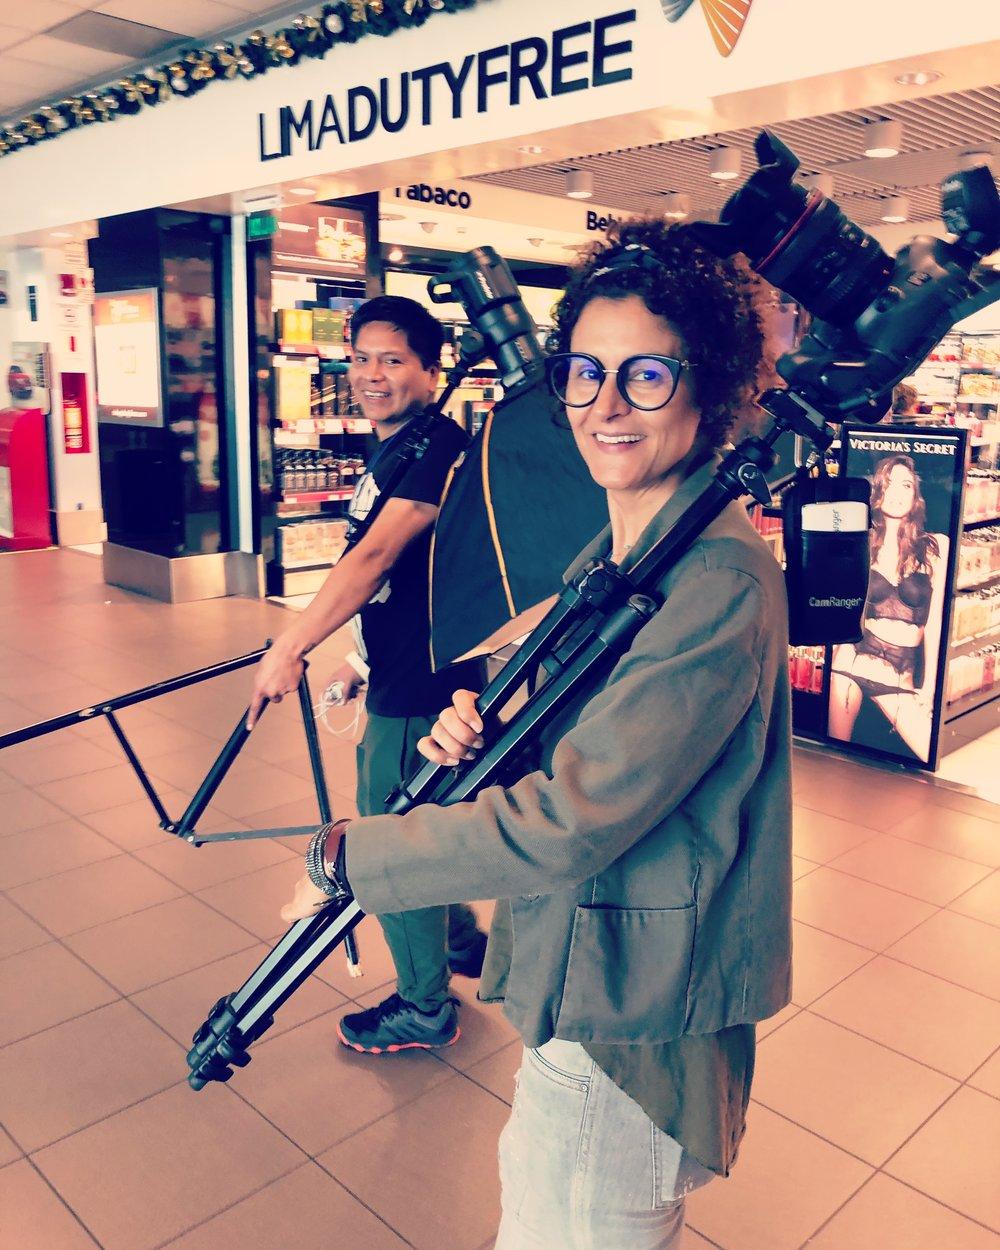 El martes 13 de Noviembre fue nuestro primer día de sesión en el aeropuerto internacional Jorge Chávez de Lima, Perú. Estuvimos fotografiando todos los locales comerciales. En esta foto aparecen nuestra fotógrafa  Cinda Miranda , y nuestro primer asistente Daniel Temple.